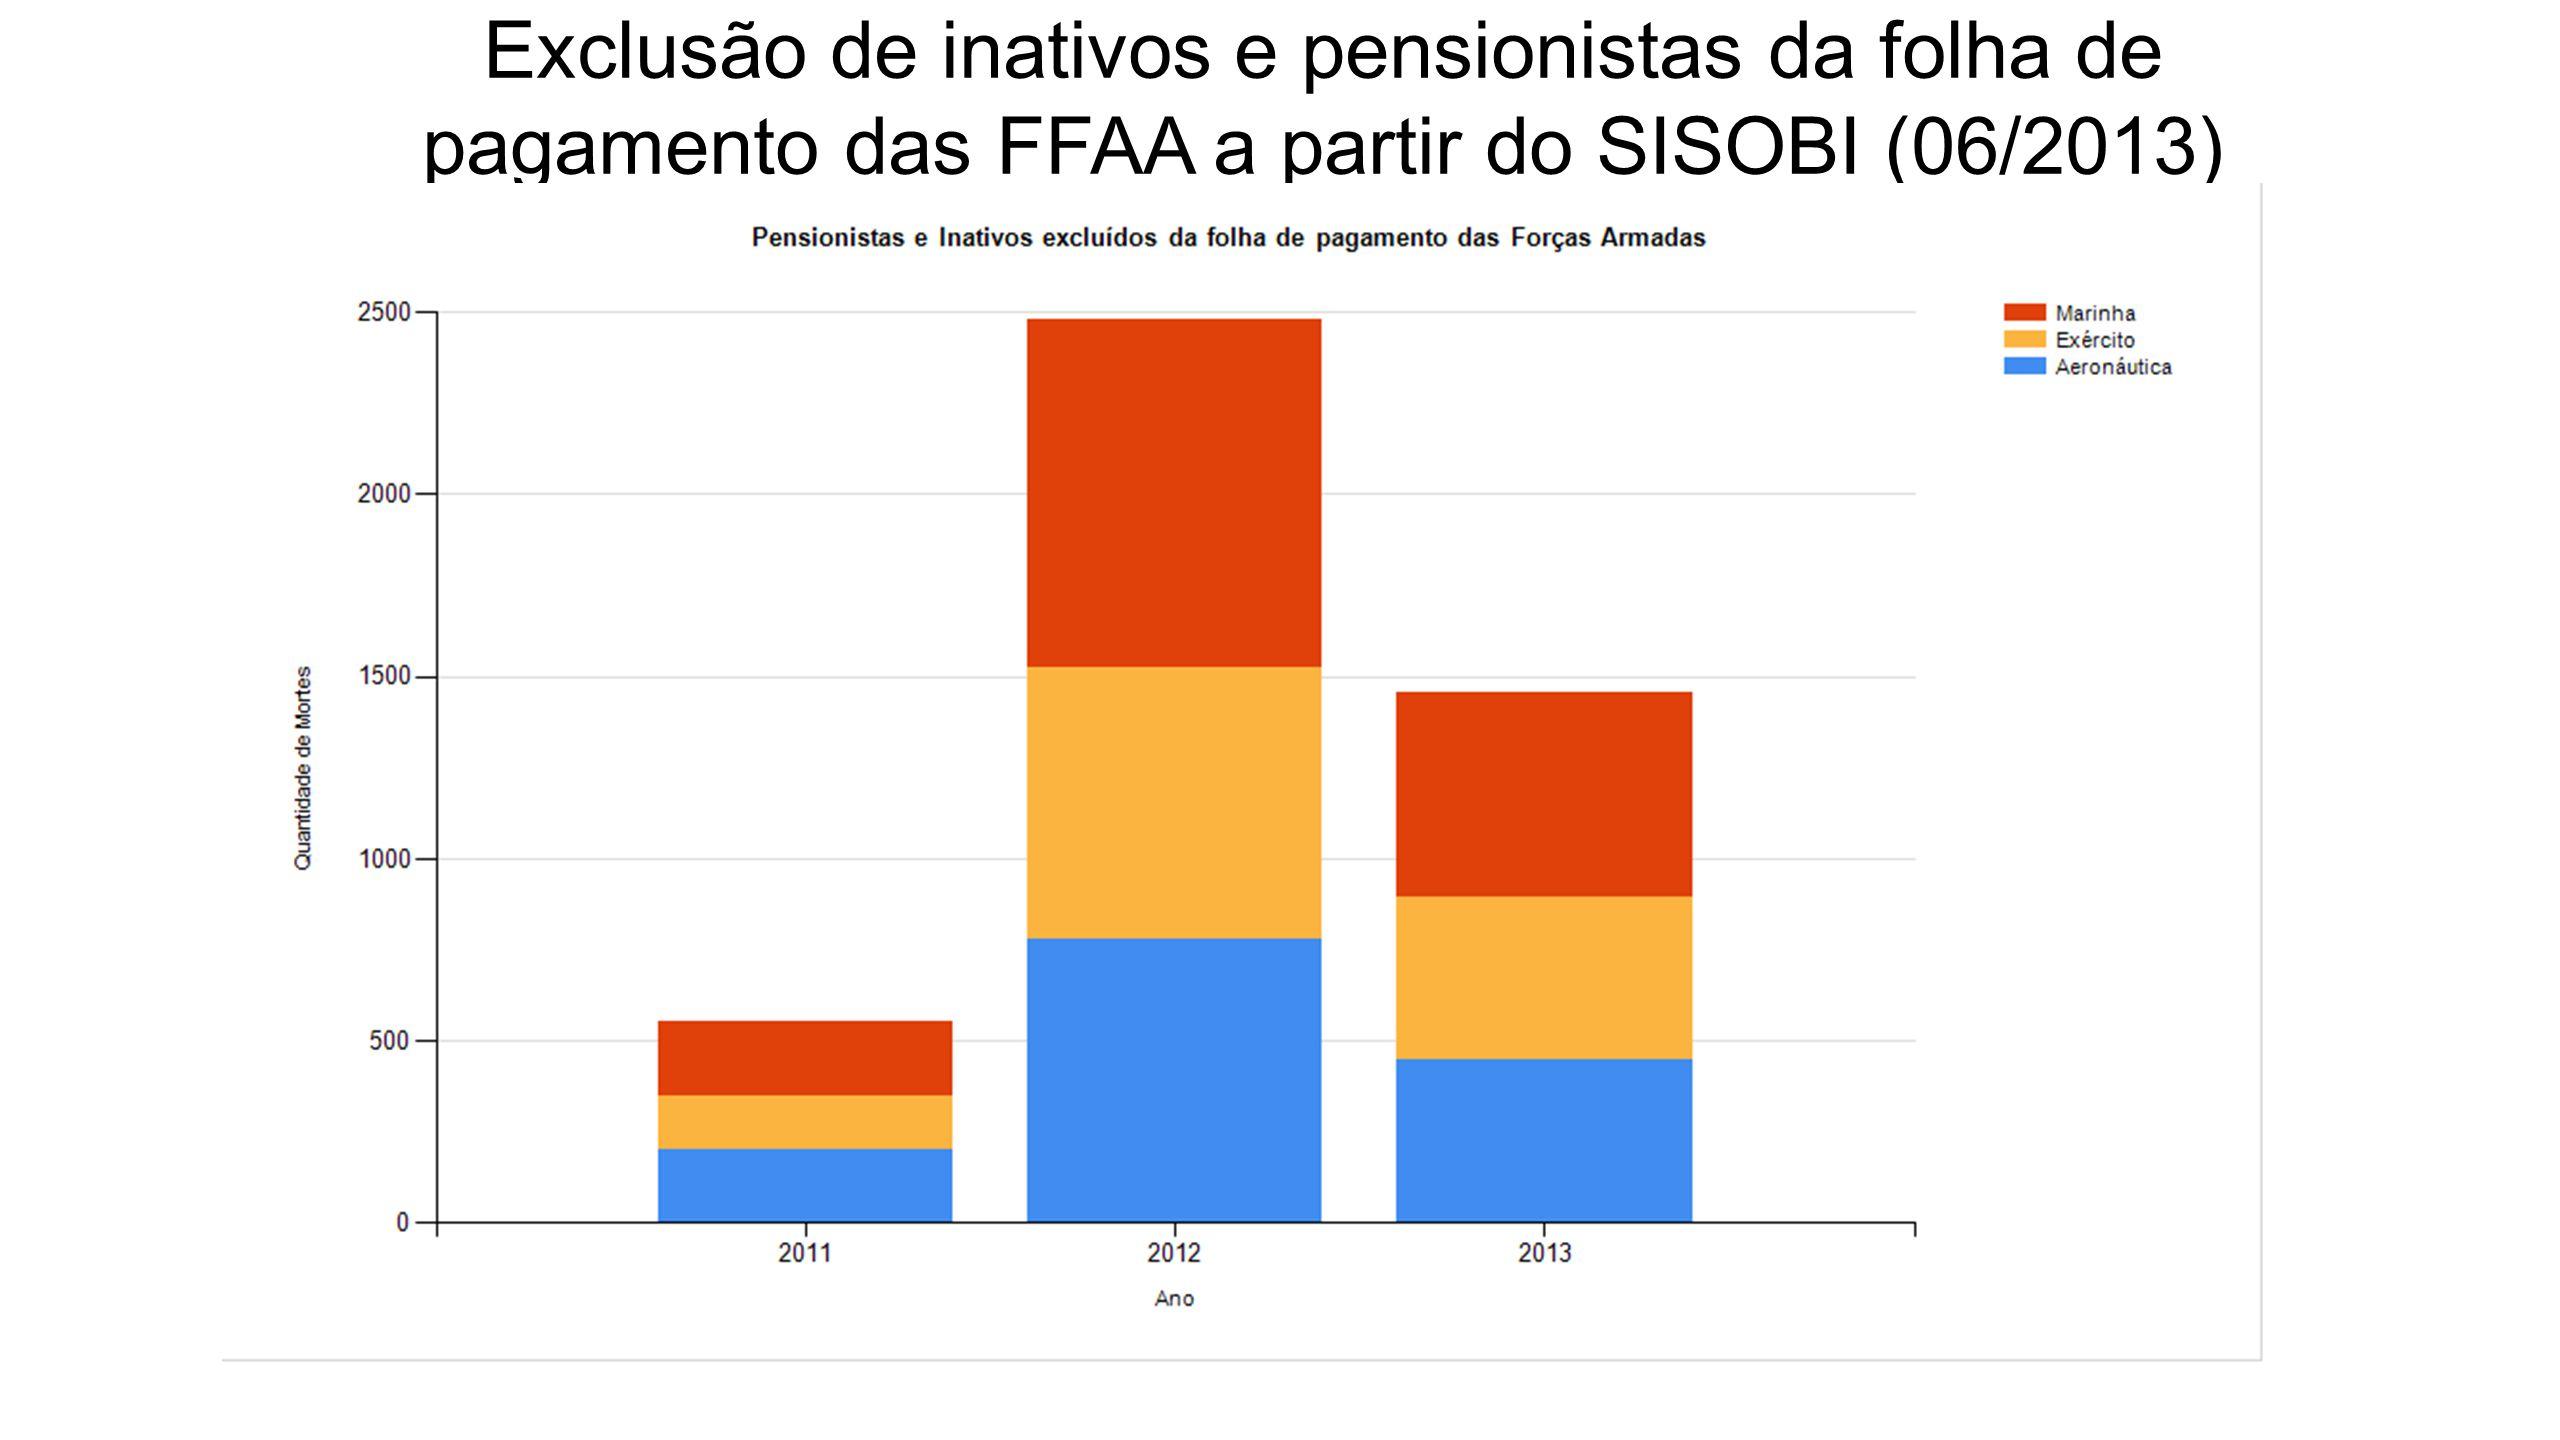 Exclusão de inativos e pensionistas da folha de pagamento das FFAA a partir do SISOBI (06/2013)